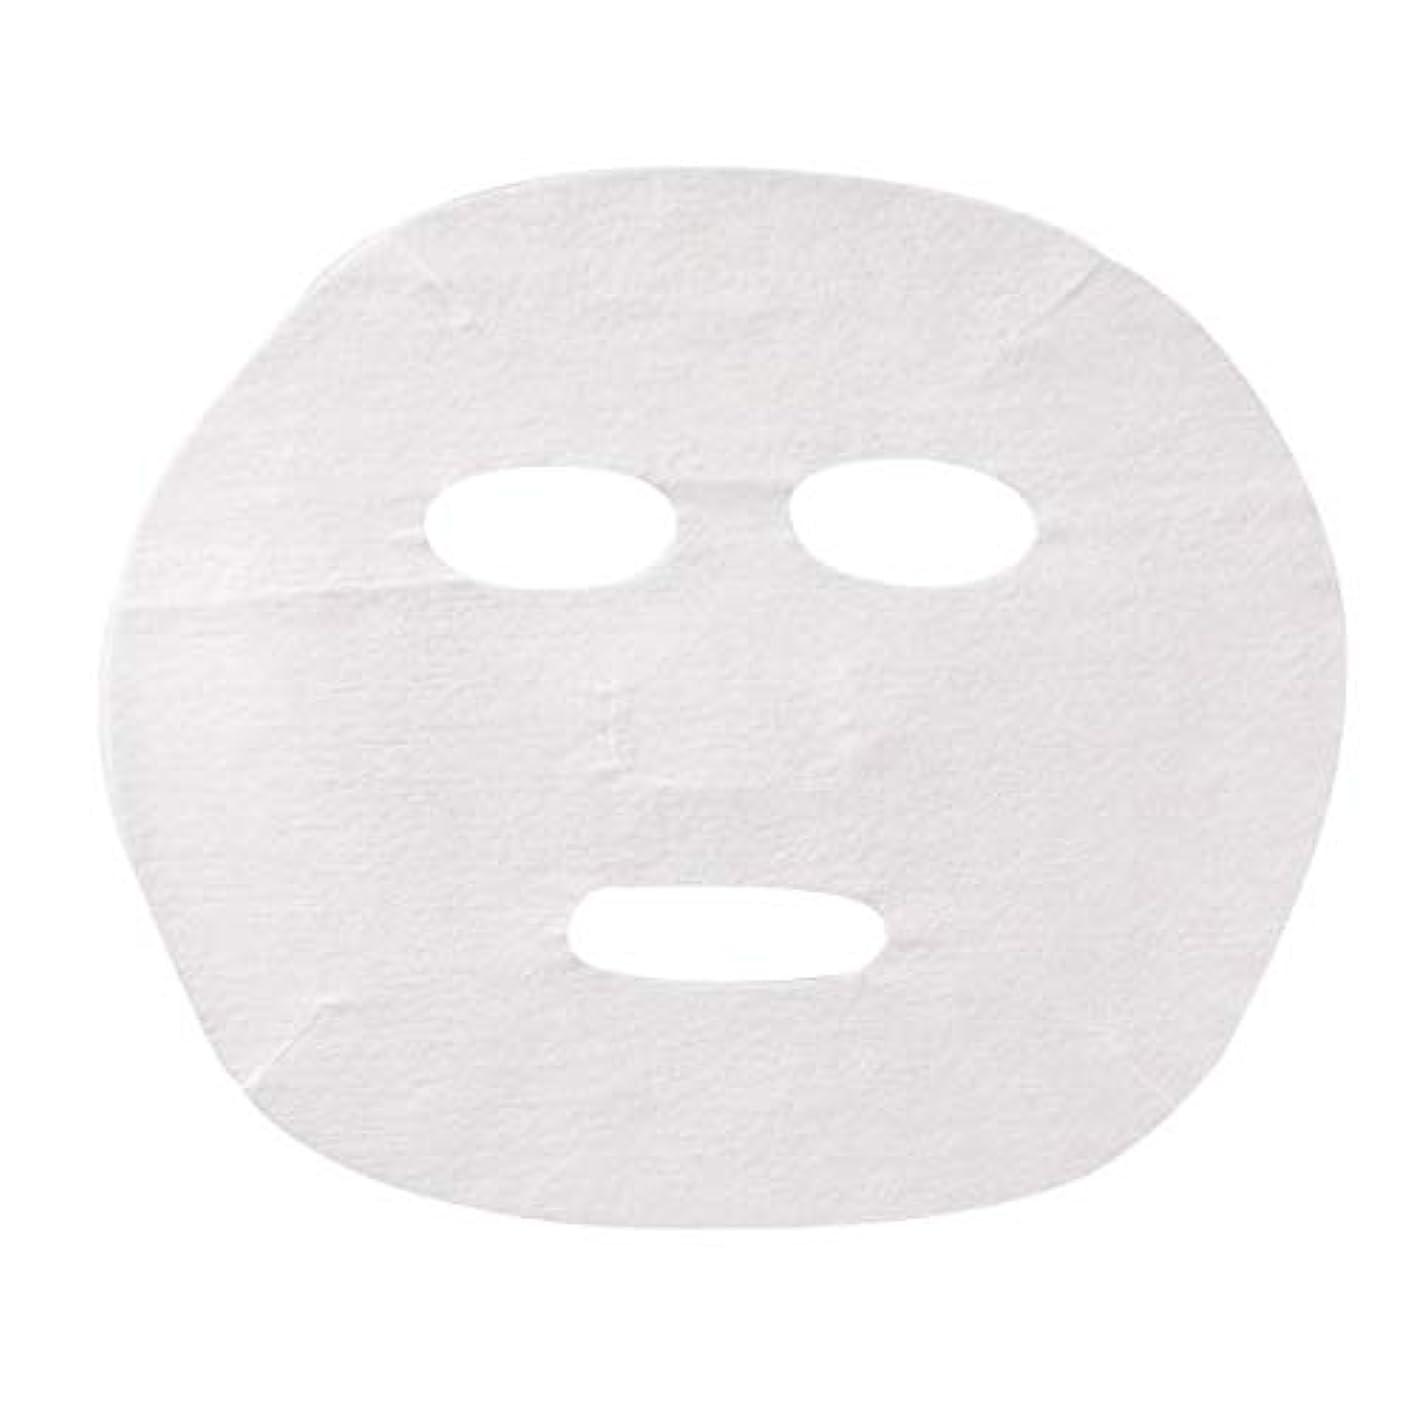 植物学程度コインフェイシャルシート (薄手タイプ) 70枚入 22.5×18.5cm [ フェイスマスク フェイスシート フェイスパック フェイシャルマスク フェイシャルパック ローションマスク ローションパック フェイス パック マスク ]